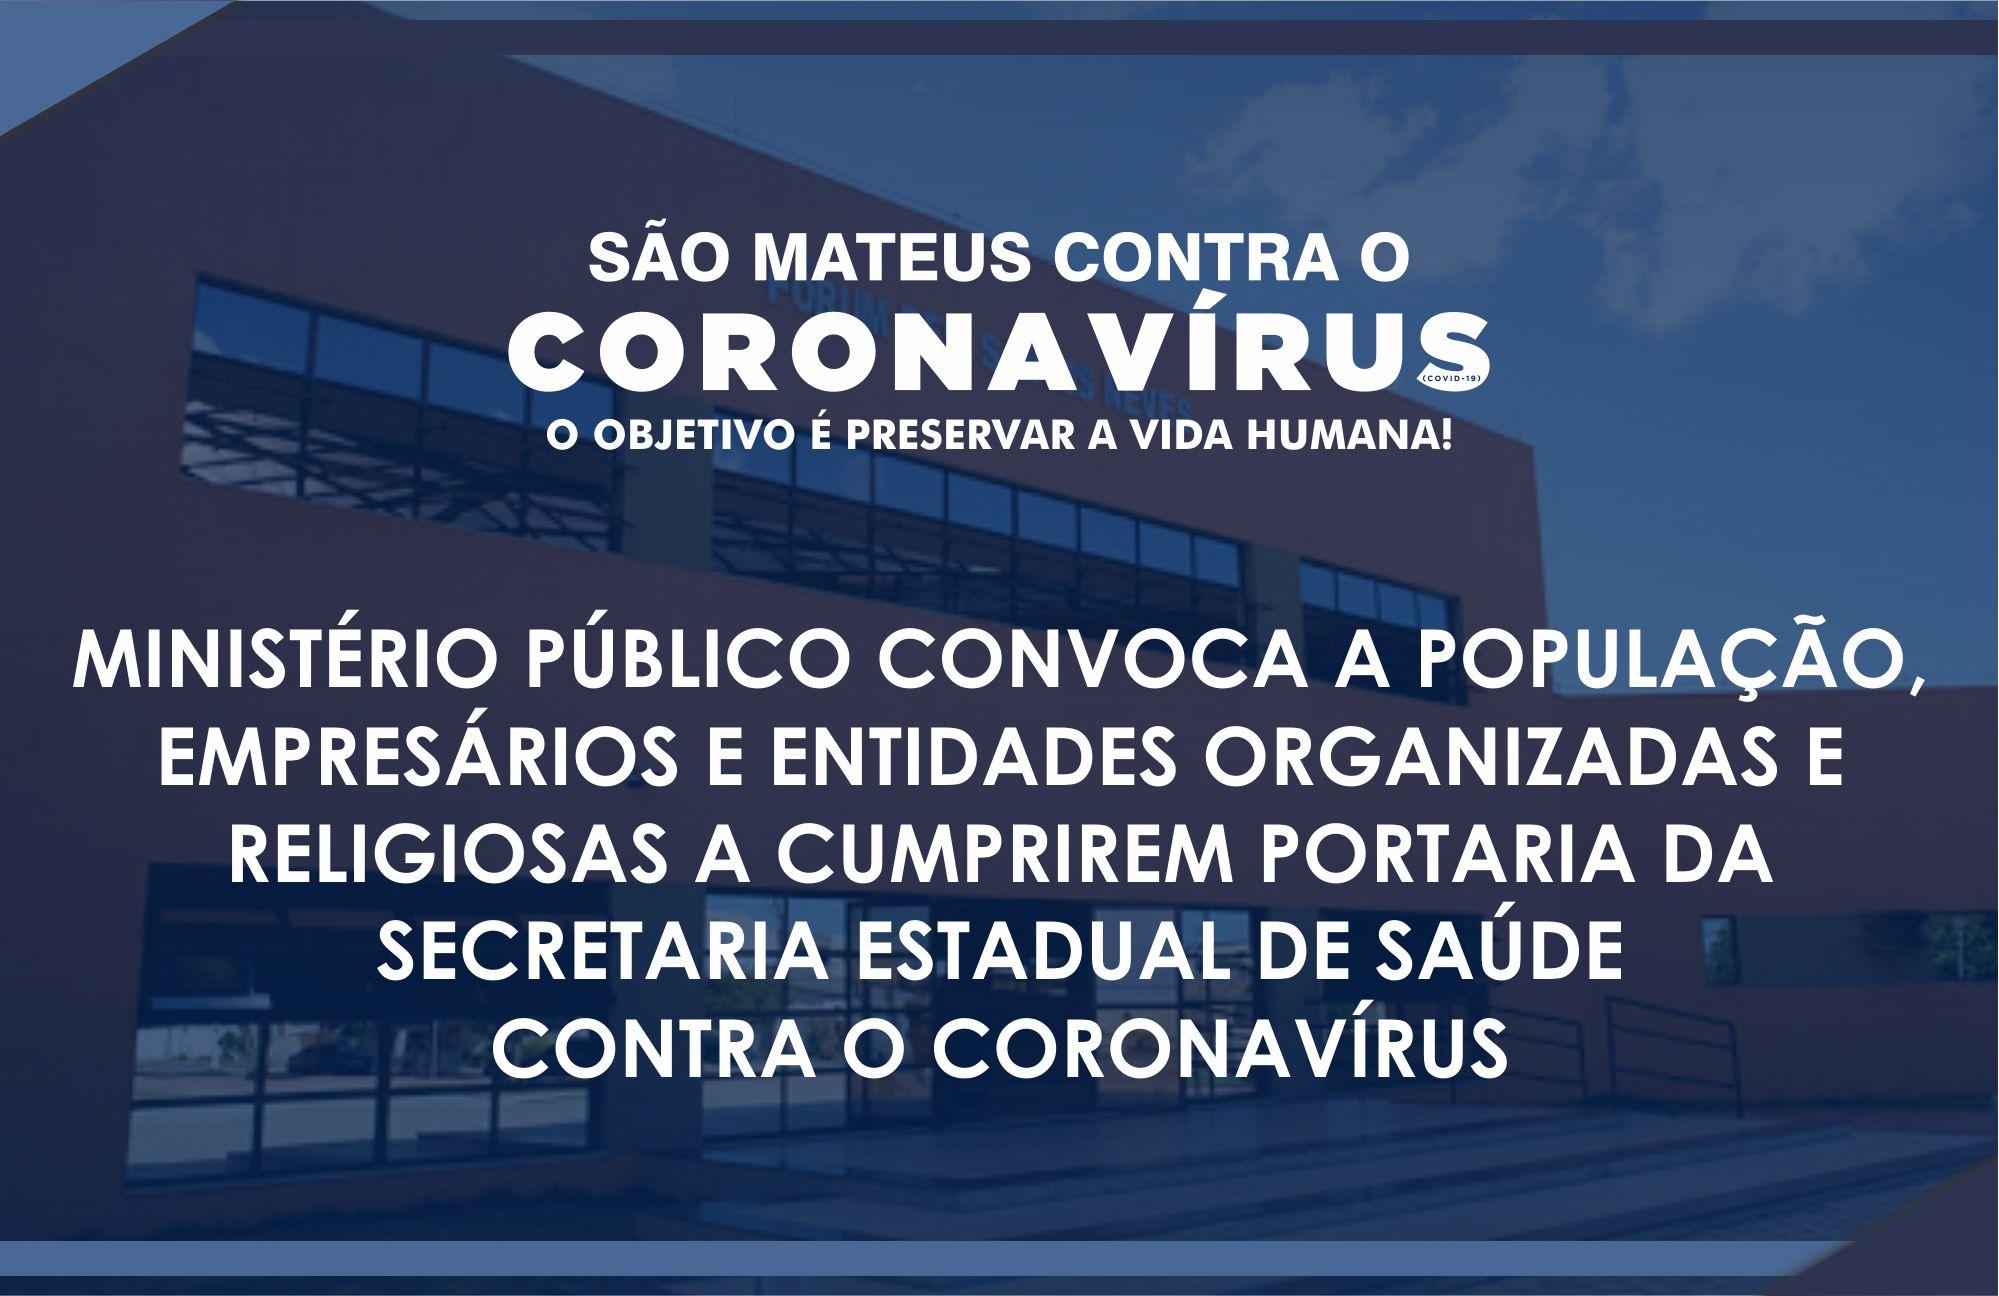 MINISTÉRIO PÚBLICO CONVOCA A POPULAÇÃO, EMPRESÁRIOS E ENTIDADES ORGANIZADAS E RELIGIOSAS A CUMPRIREM PORTARIA DA SECRETARIA ESTADUAL DE SAÚDE CONTRA O CORONAVÍRUS